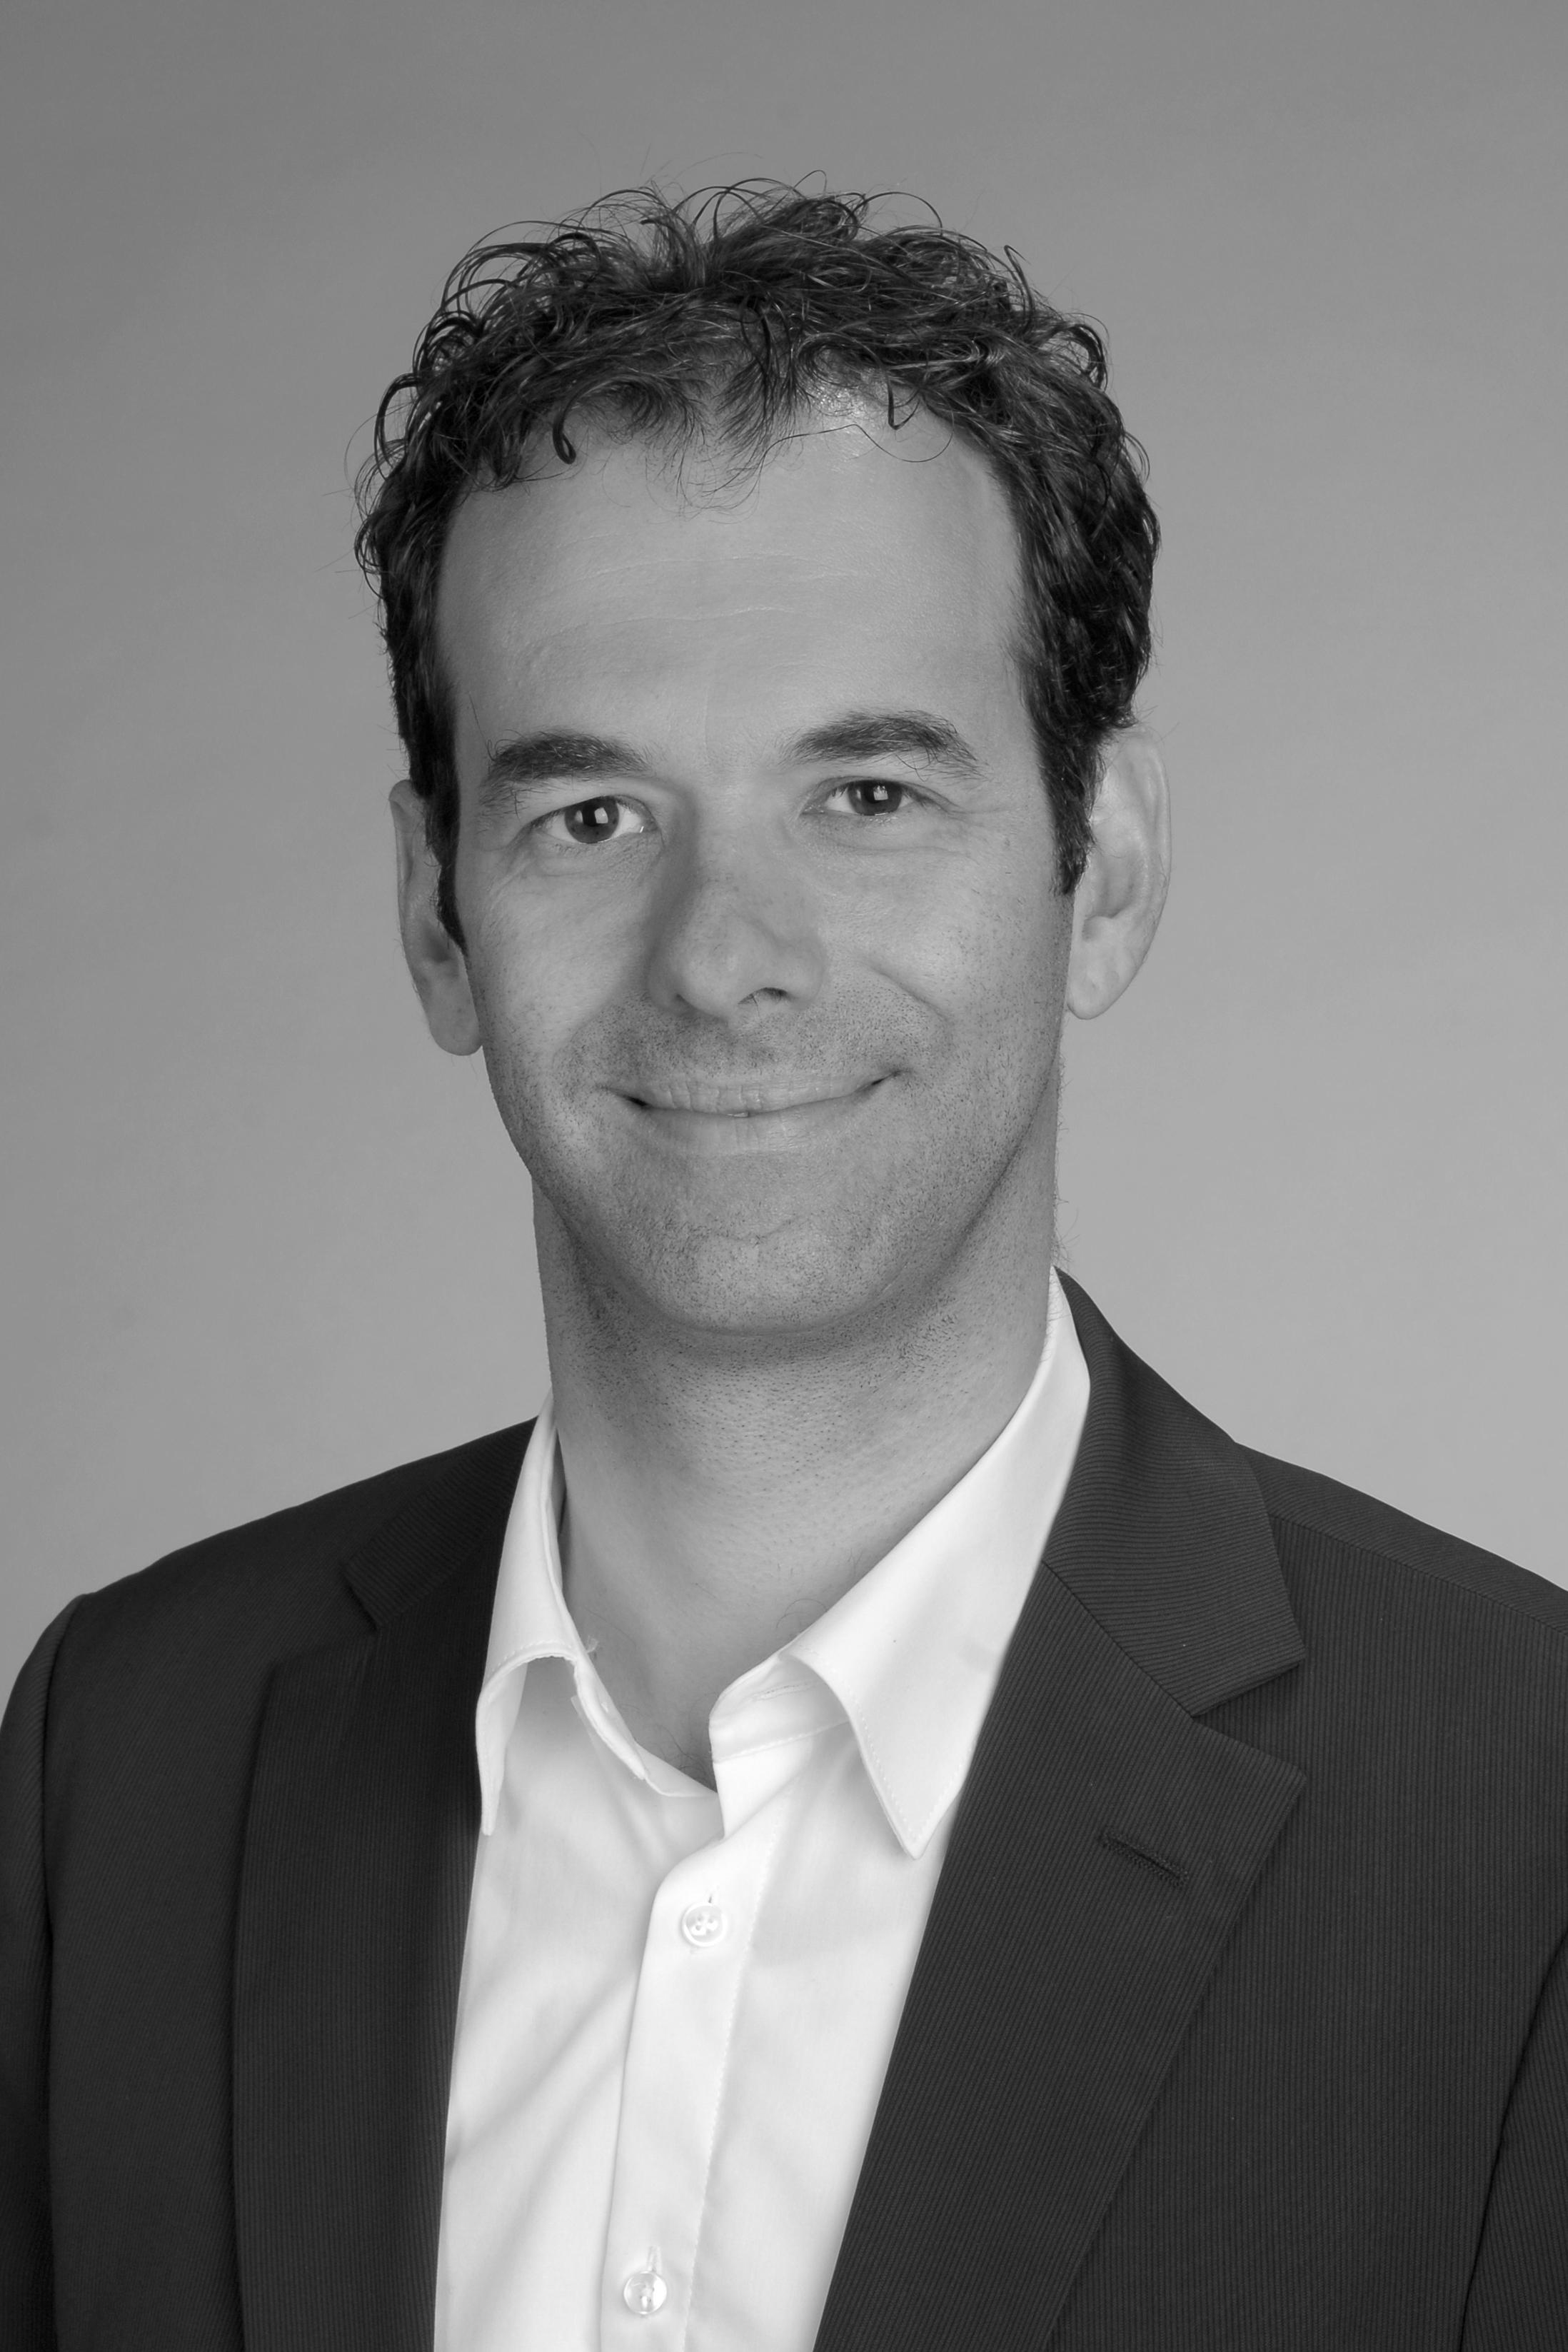 Matthias Oesch